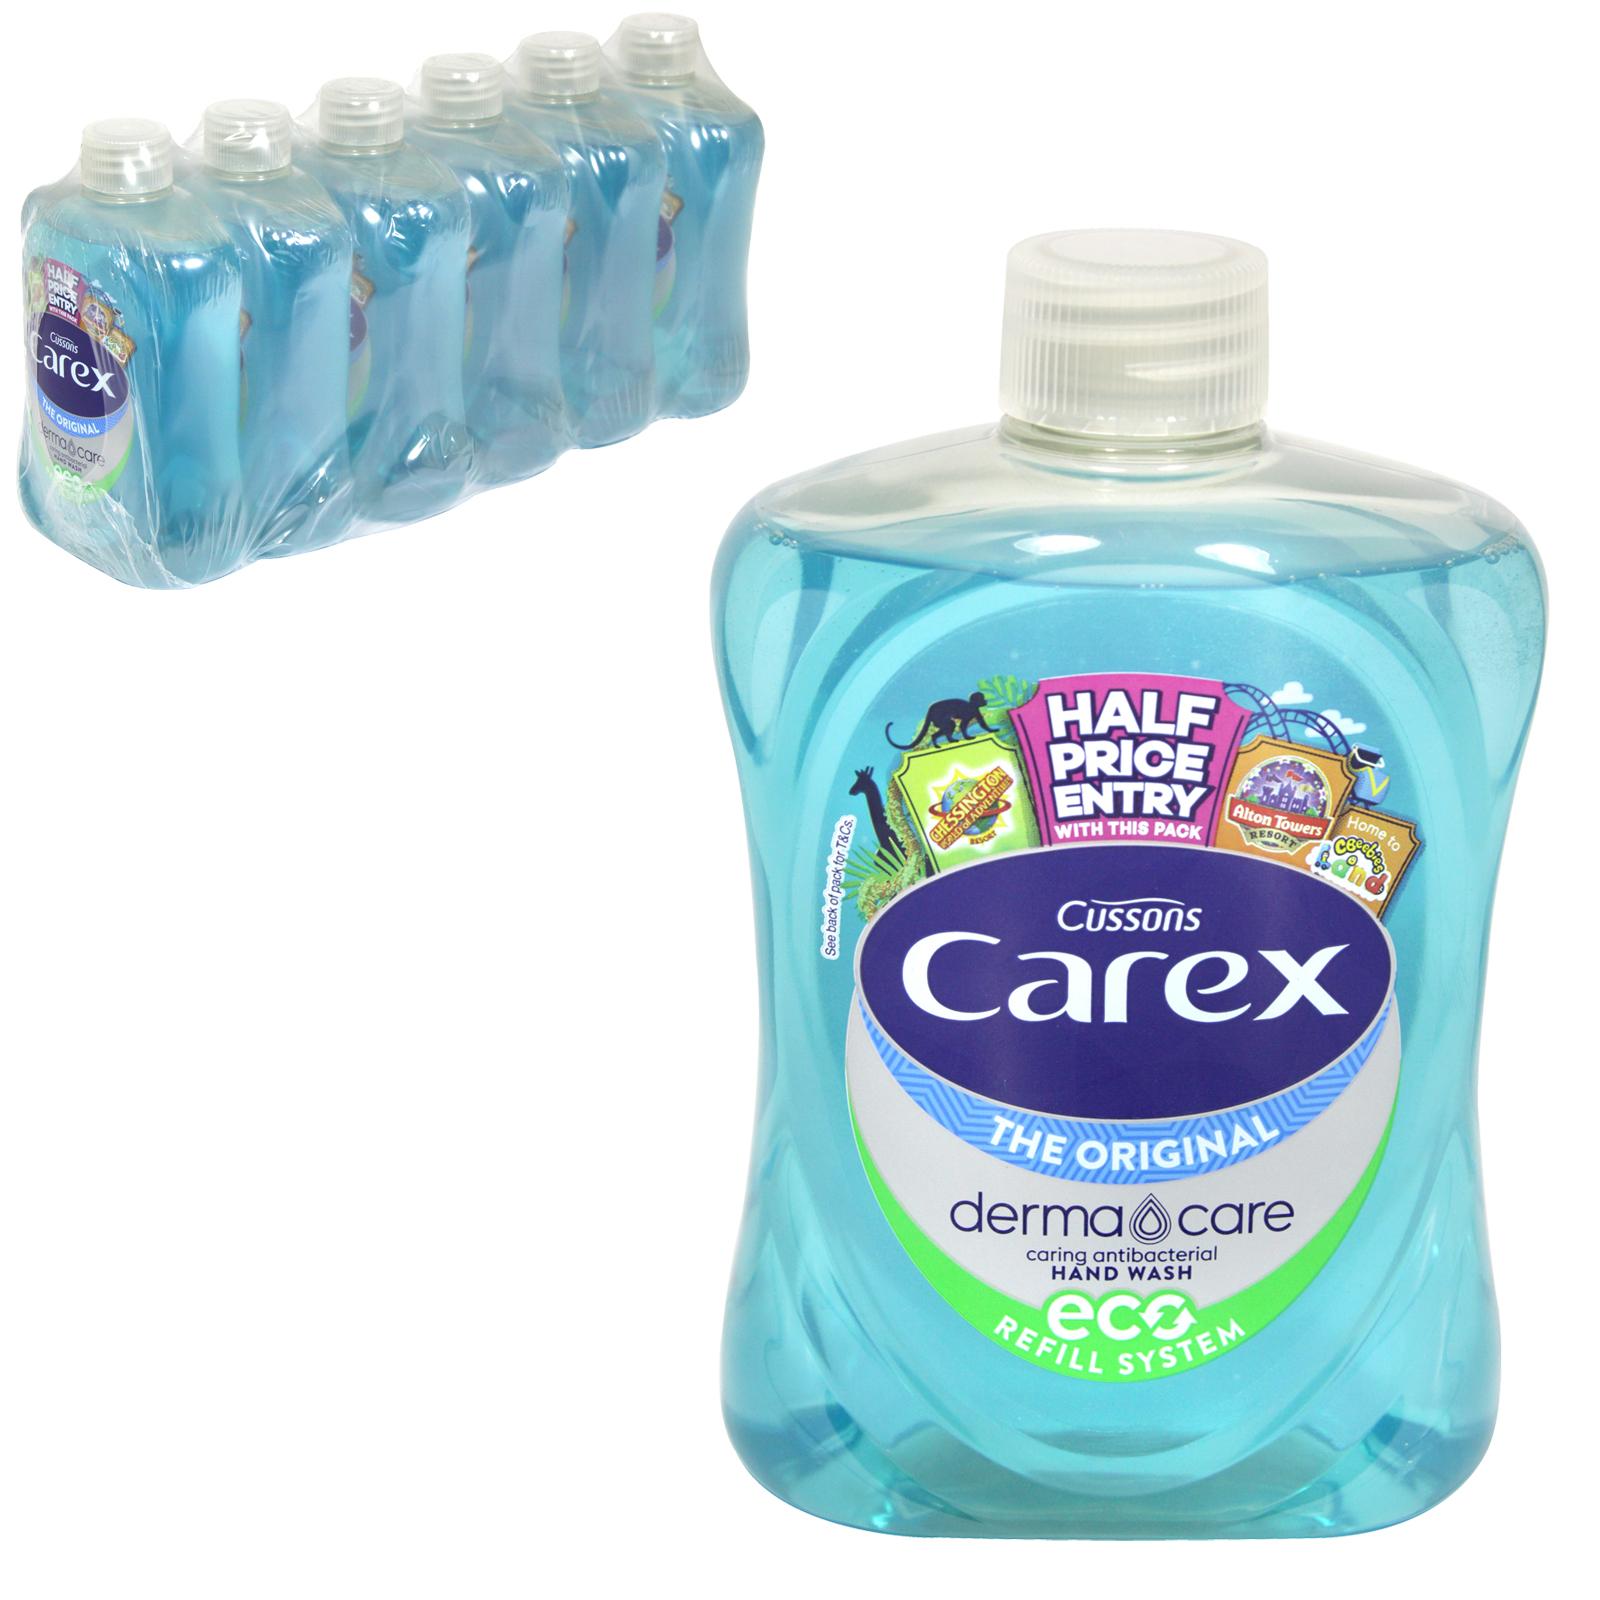 CAREX ANTI-BAC LIQUID SOAP 500ML ORIGINAL BLUE SCREW TOP X6